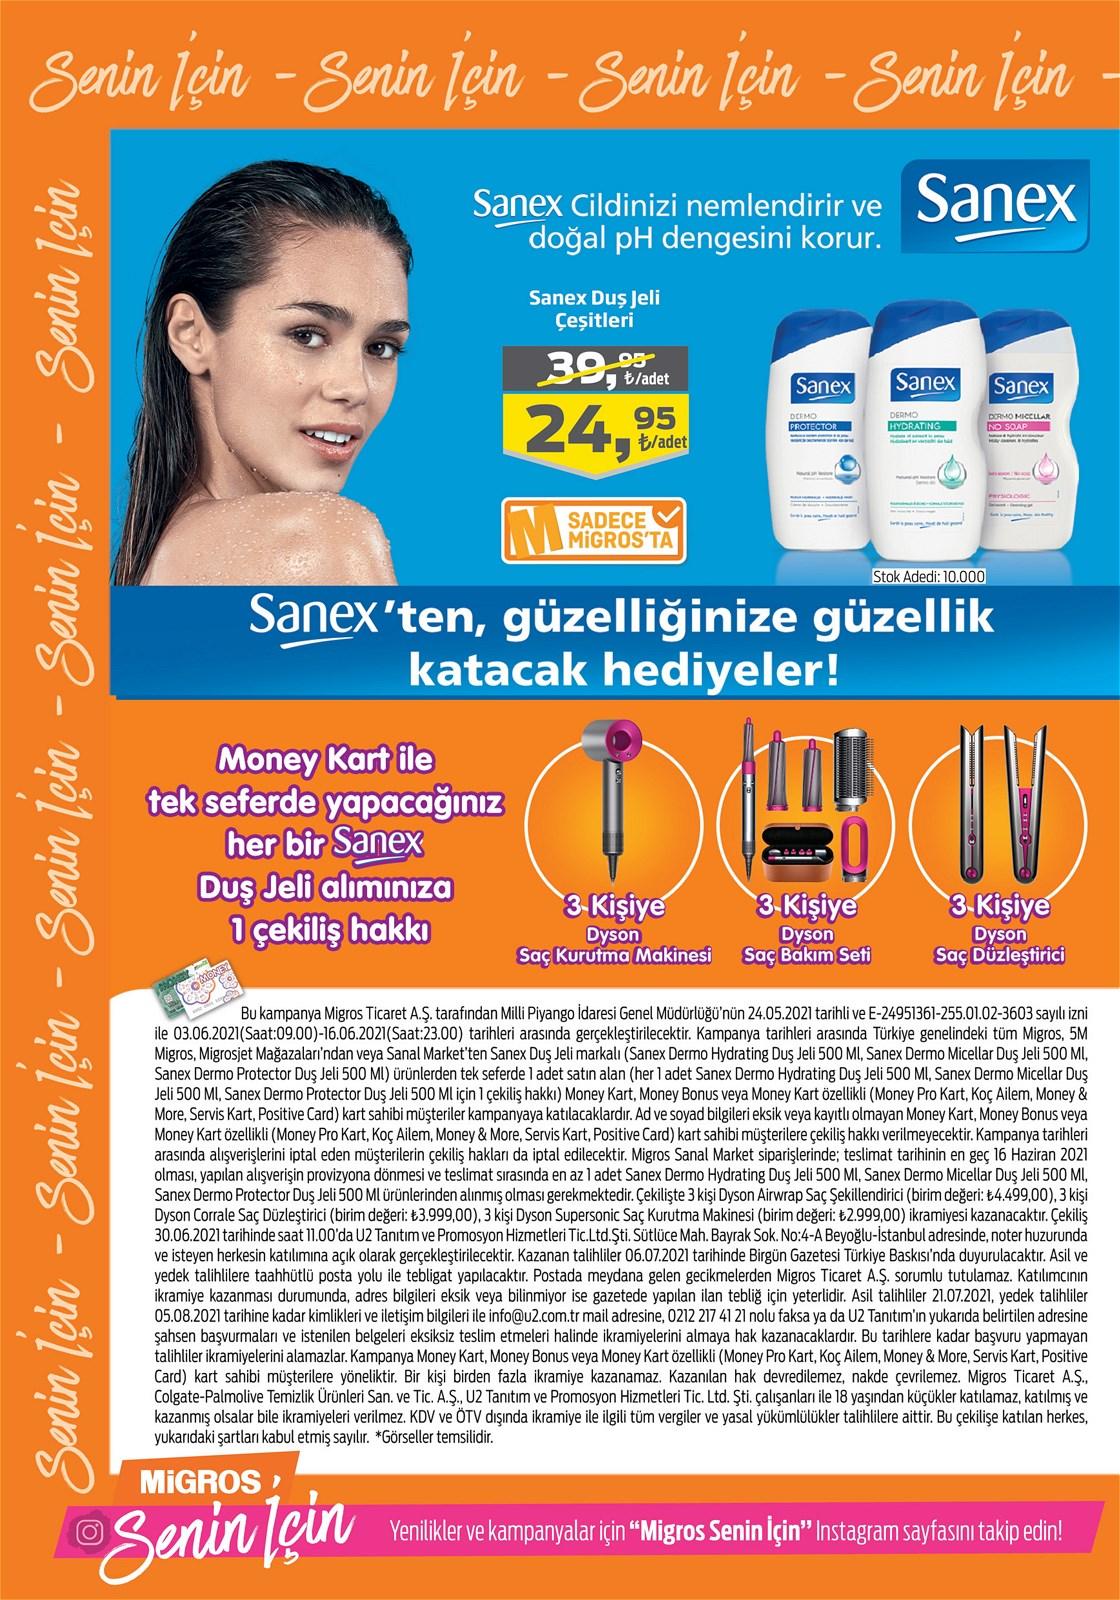 03.06.2021 Migros broşürü 18. sayfa